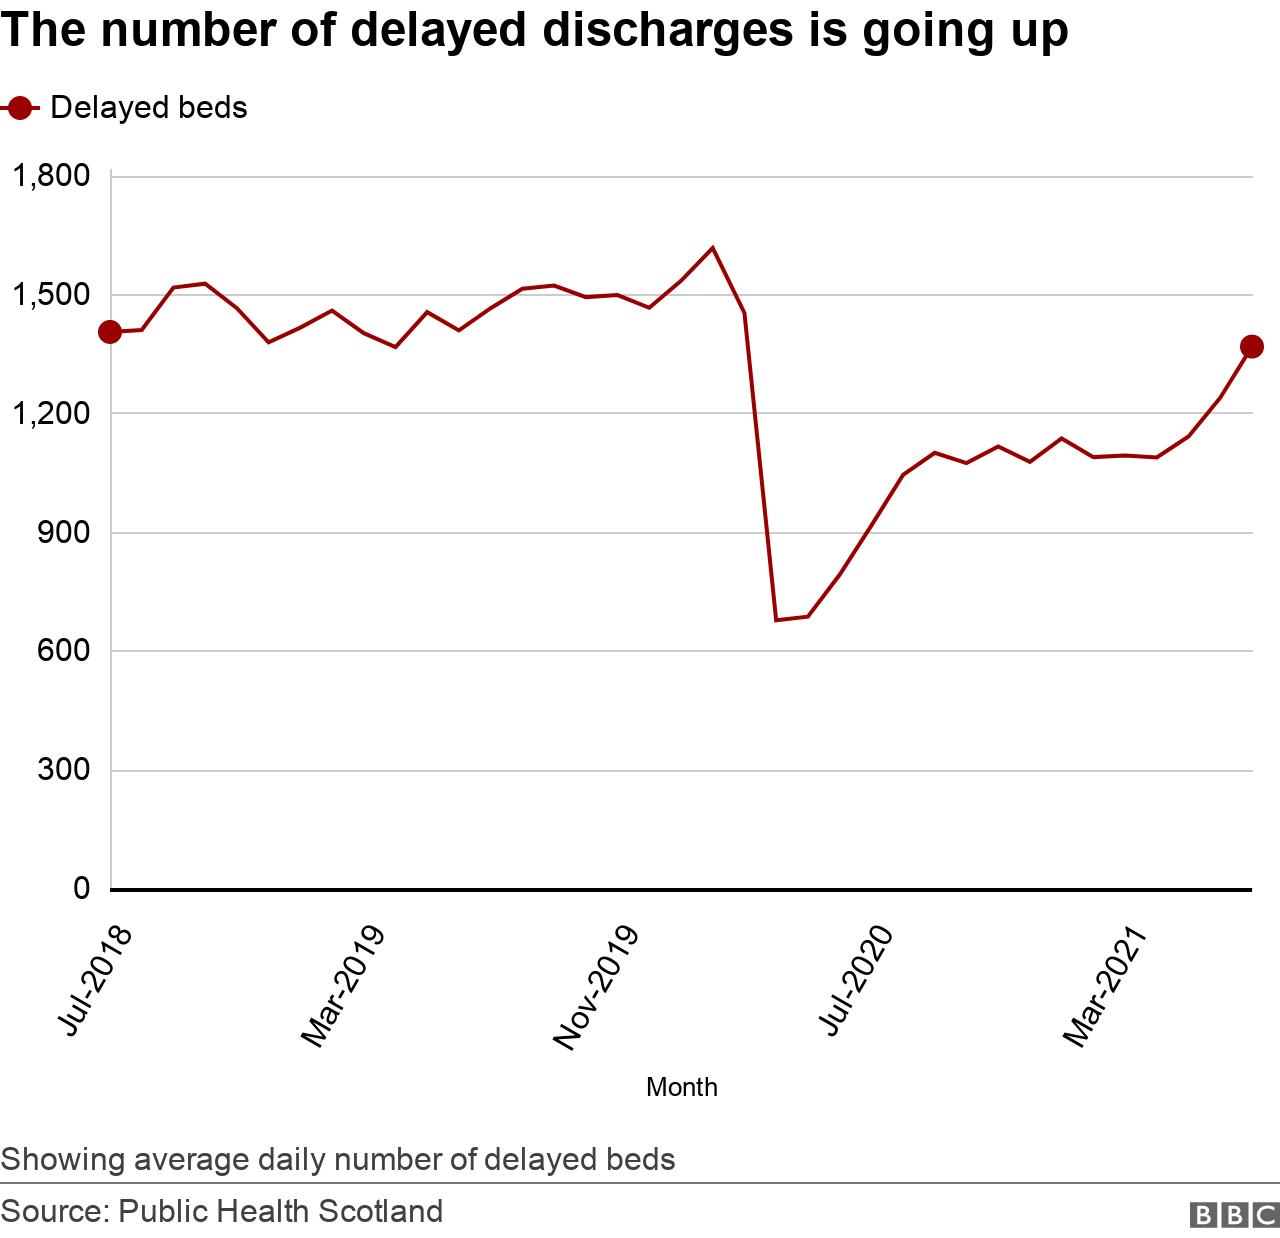 Delayed discharges